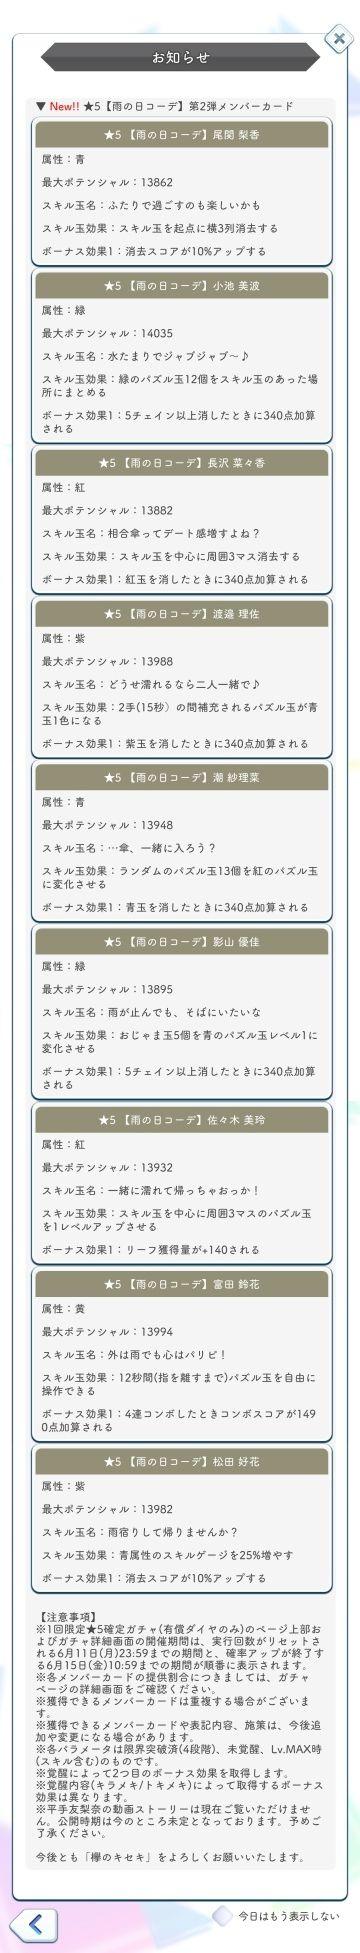 00 雨の日コーデ ガチャ②詳細